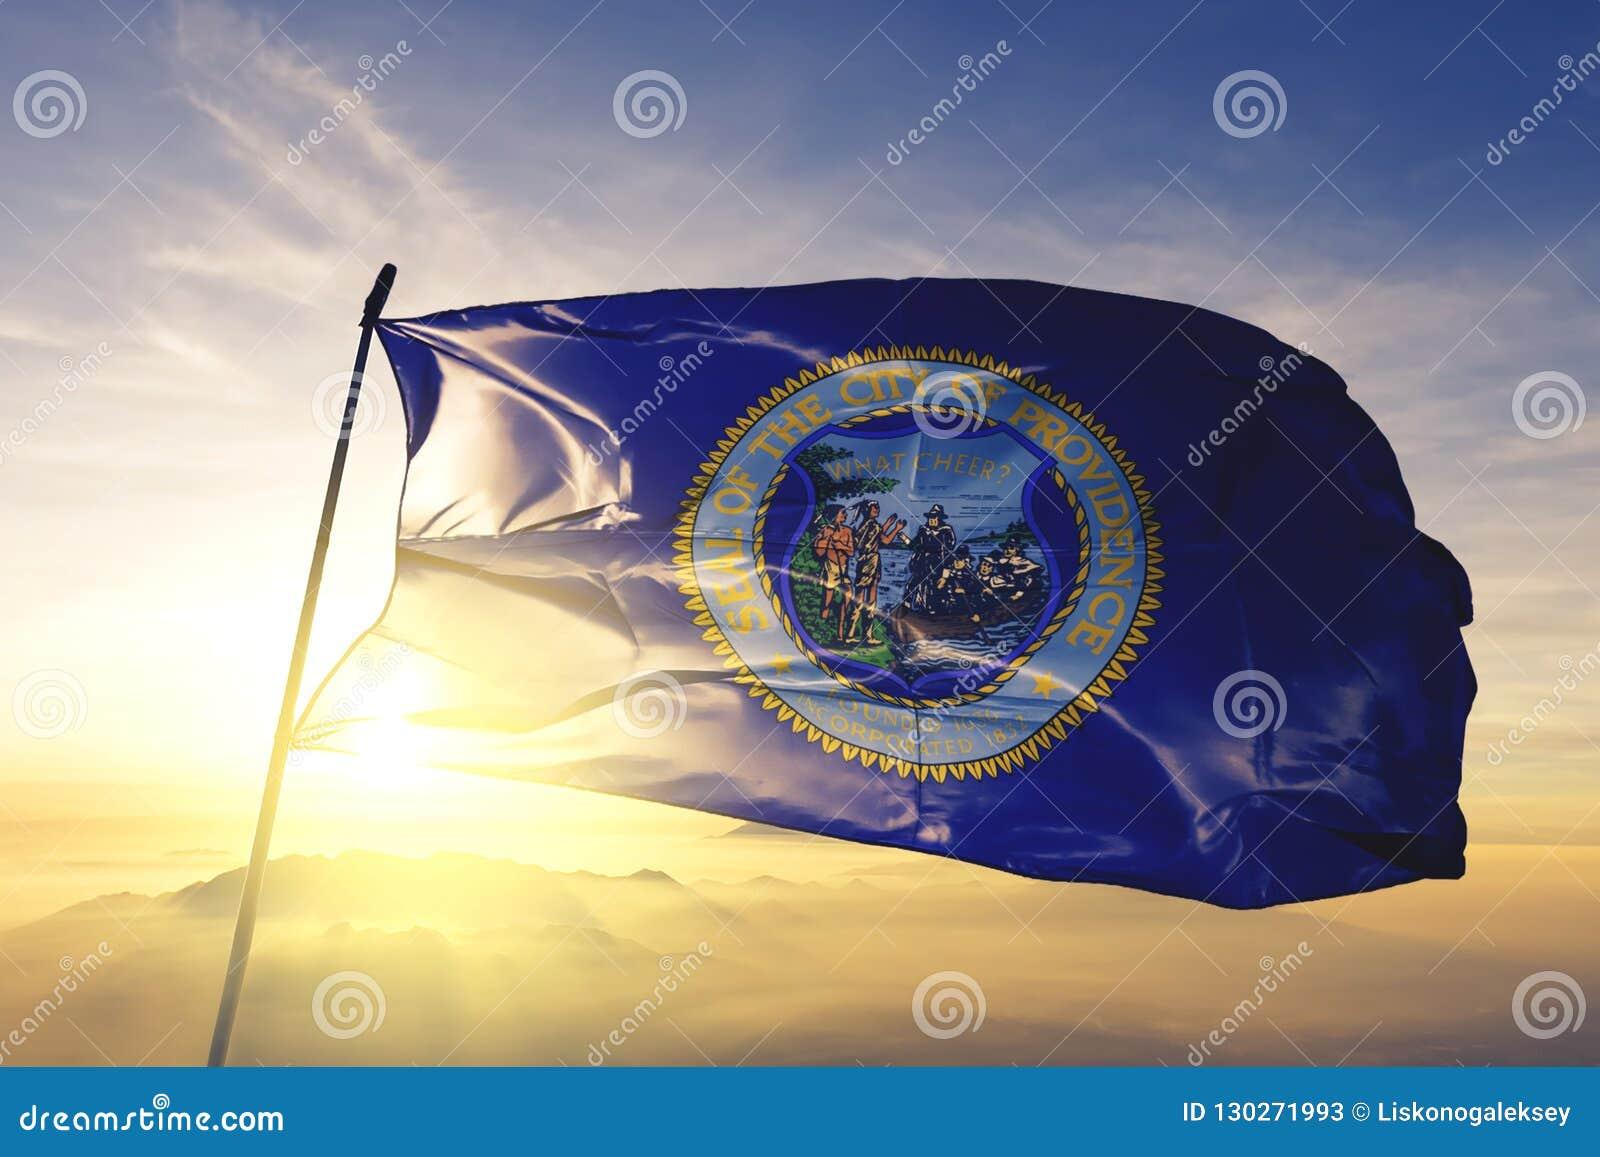 Столица города Провиденс Род-Айленда ткани ткани ткани флага Соединенных Штатов развевая на верхнем тумане тумана восхода солнца